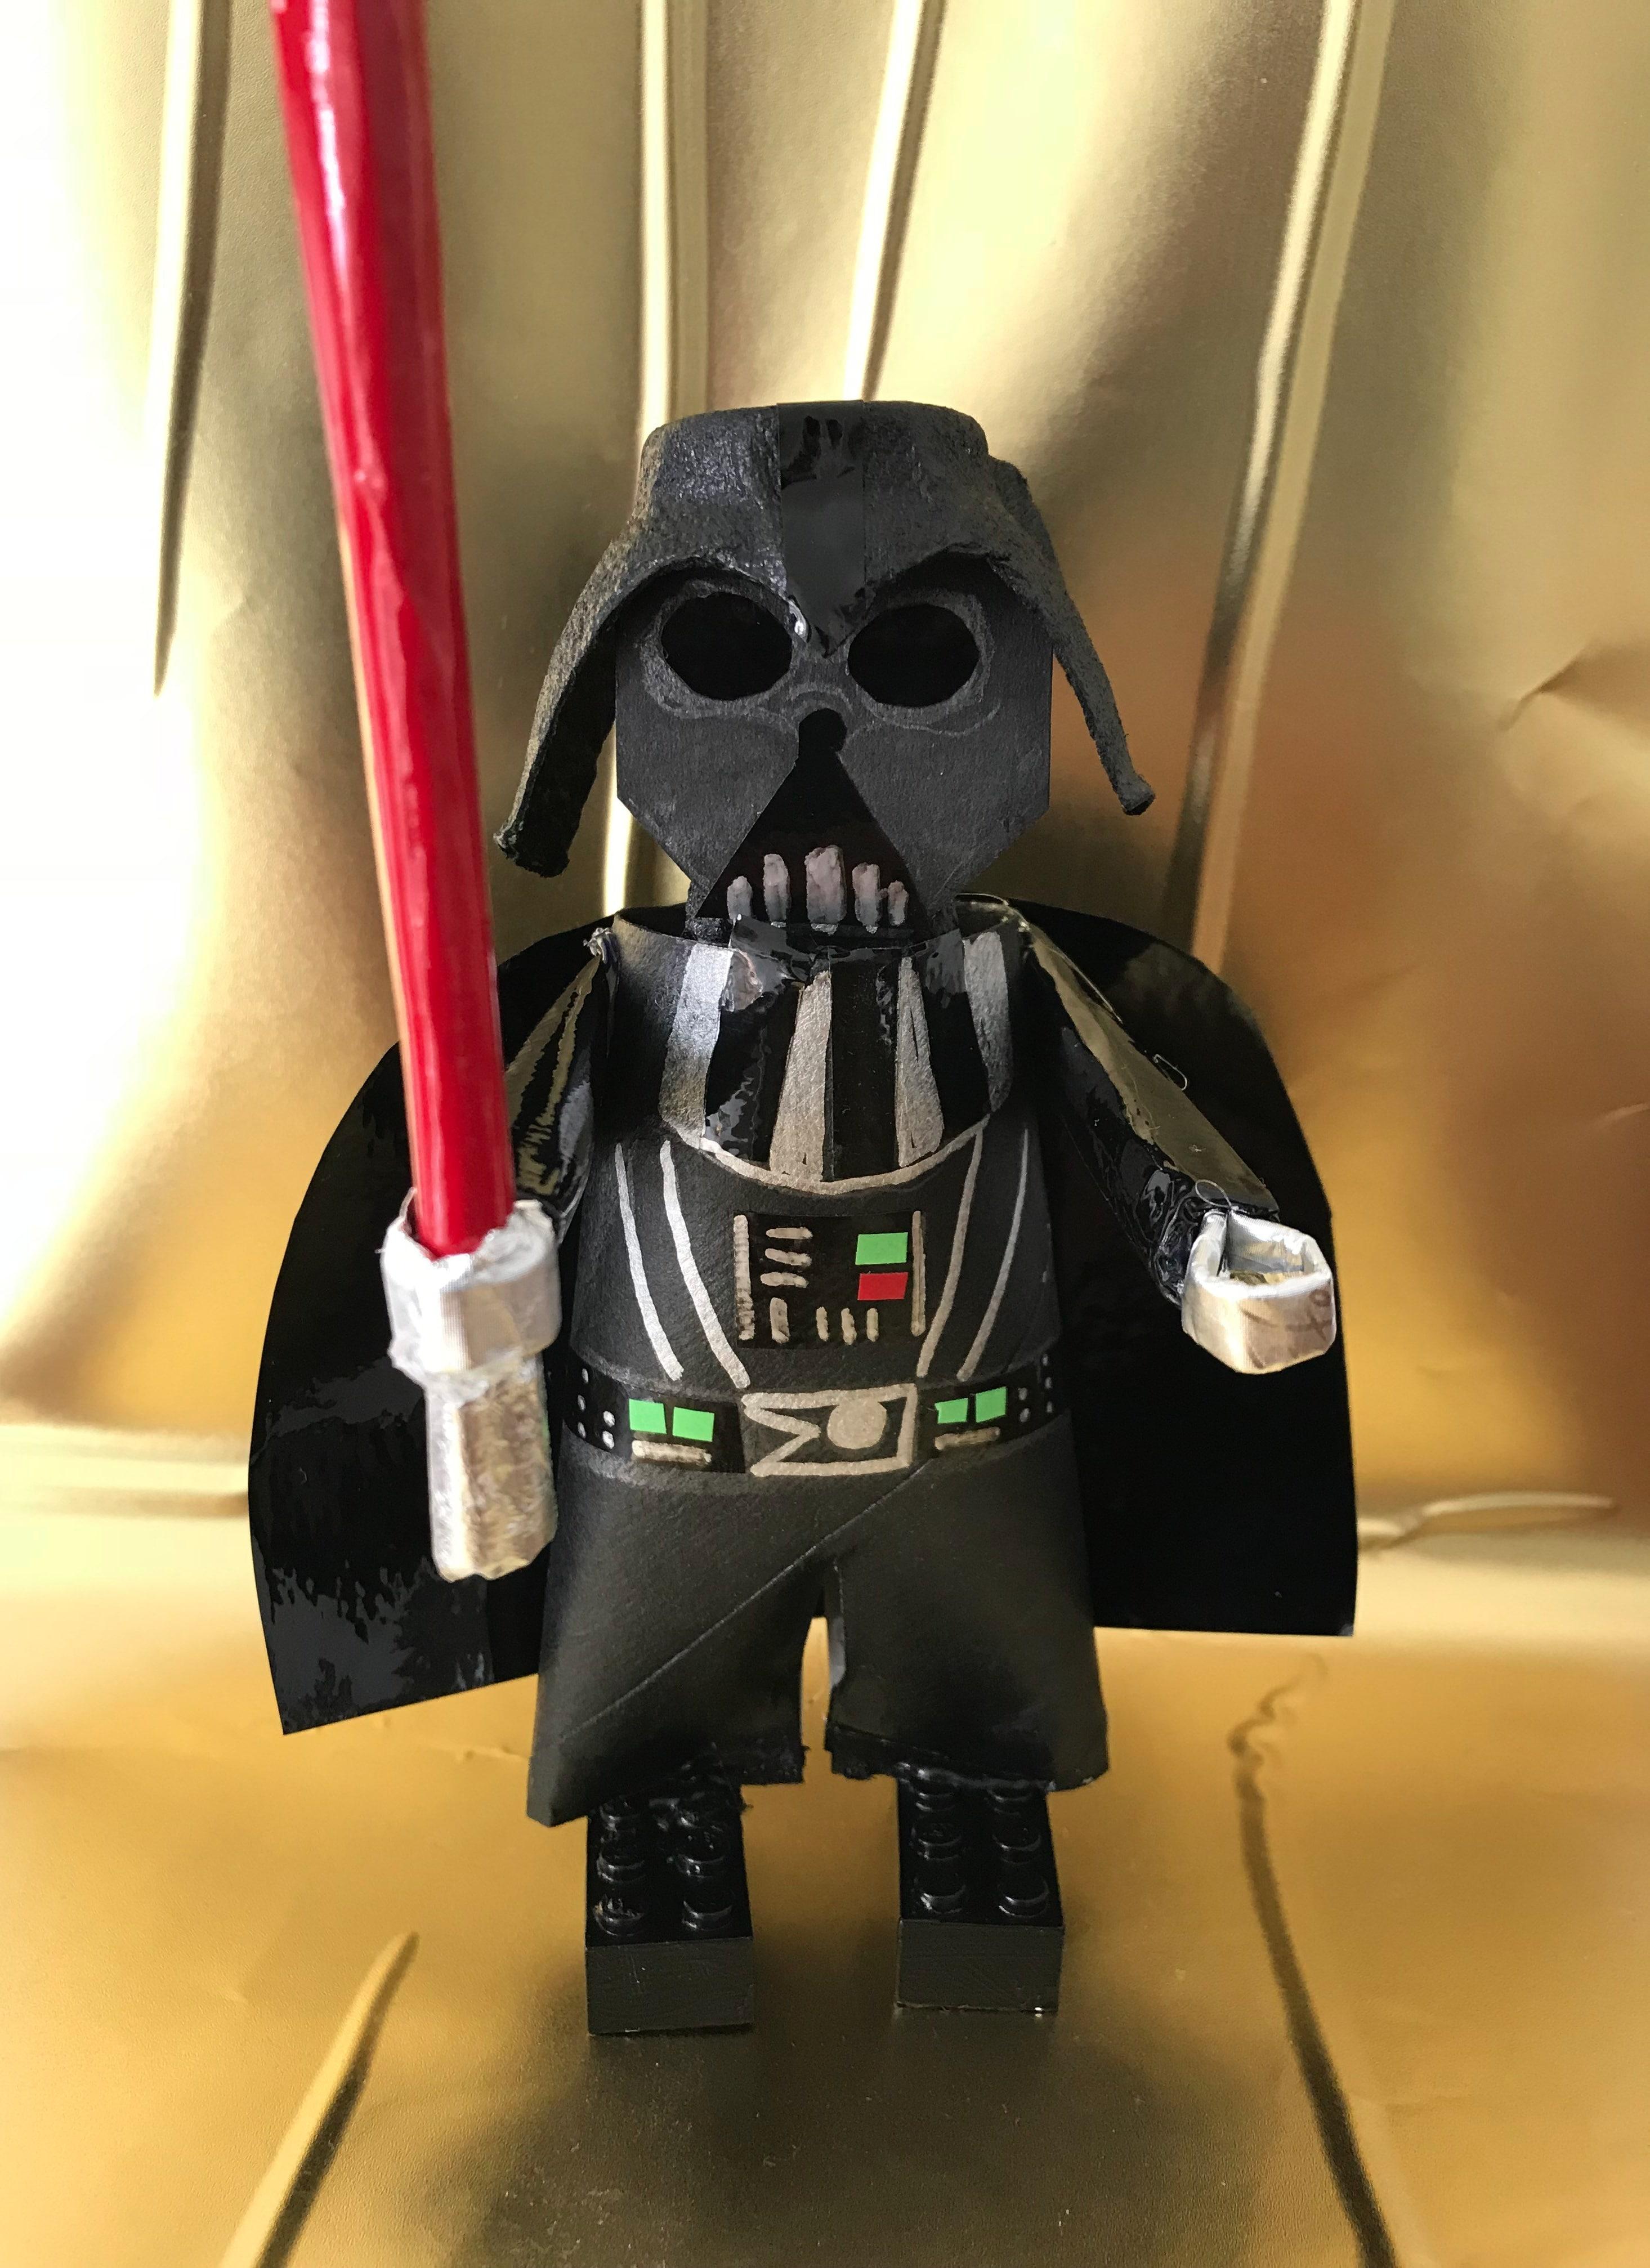 Diy Star Wars Darth Vader Aus Klorollen Basteln